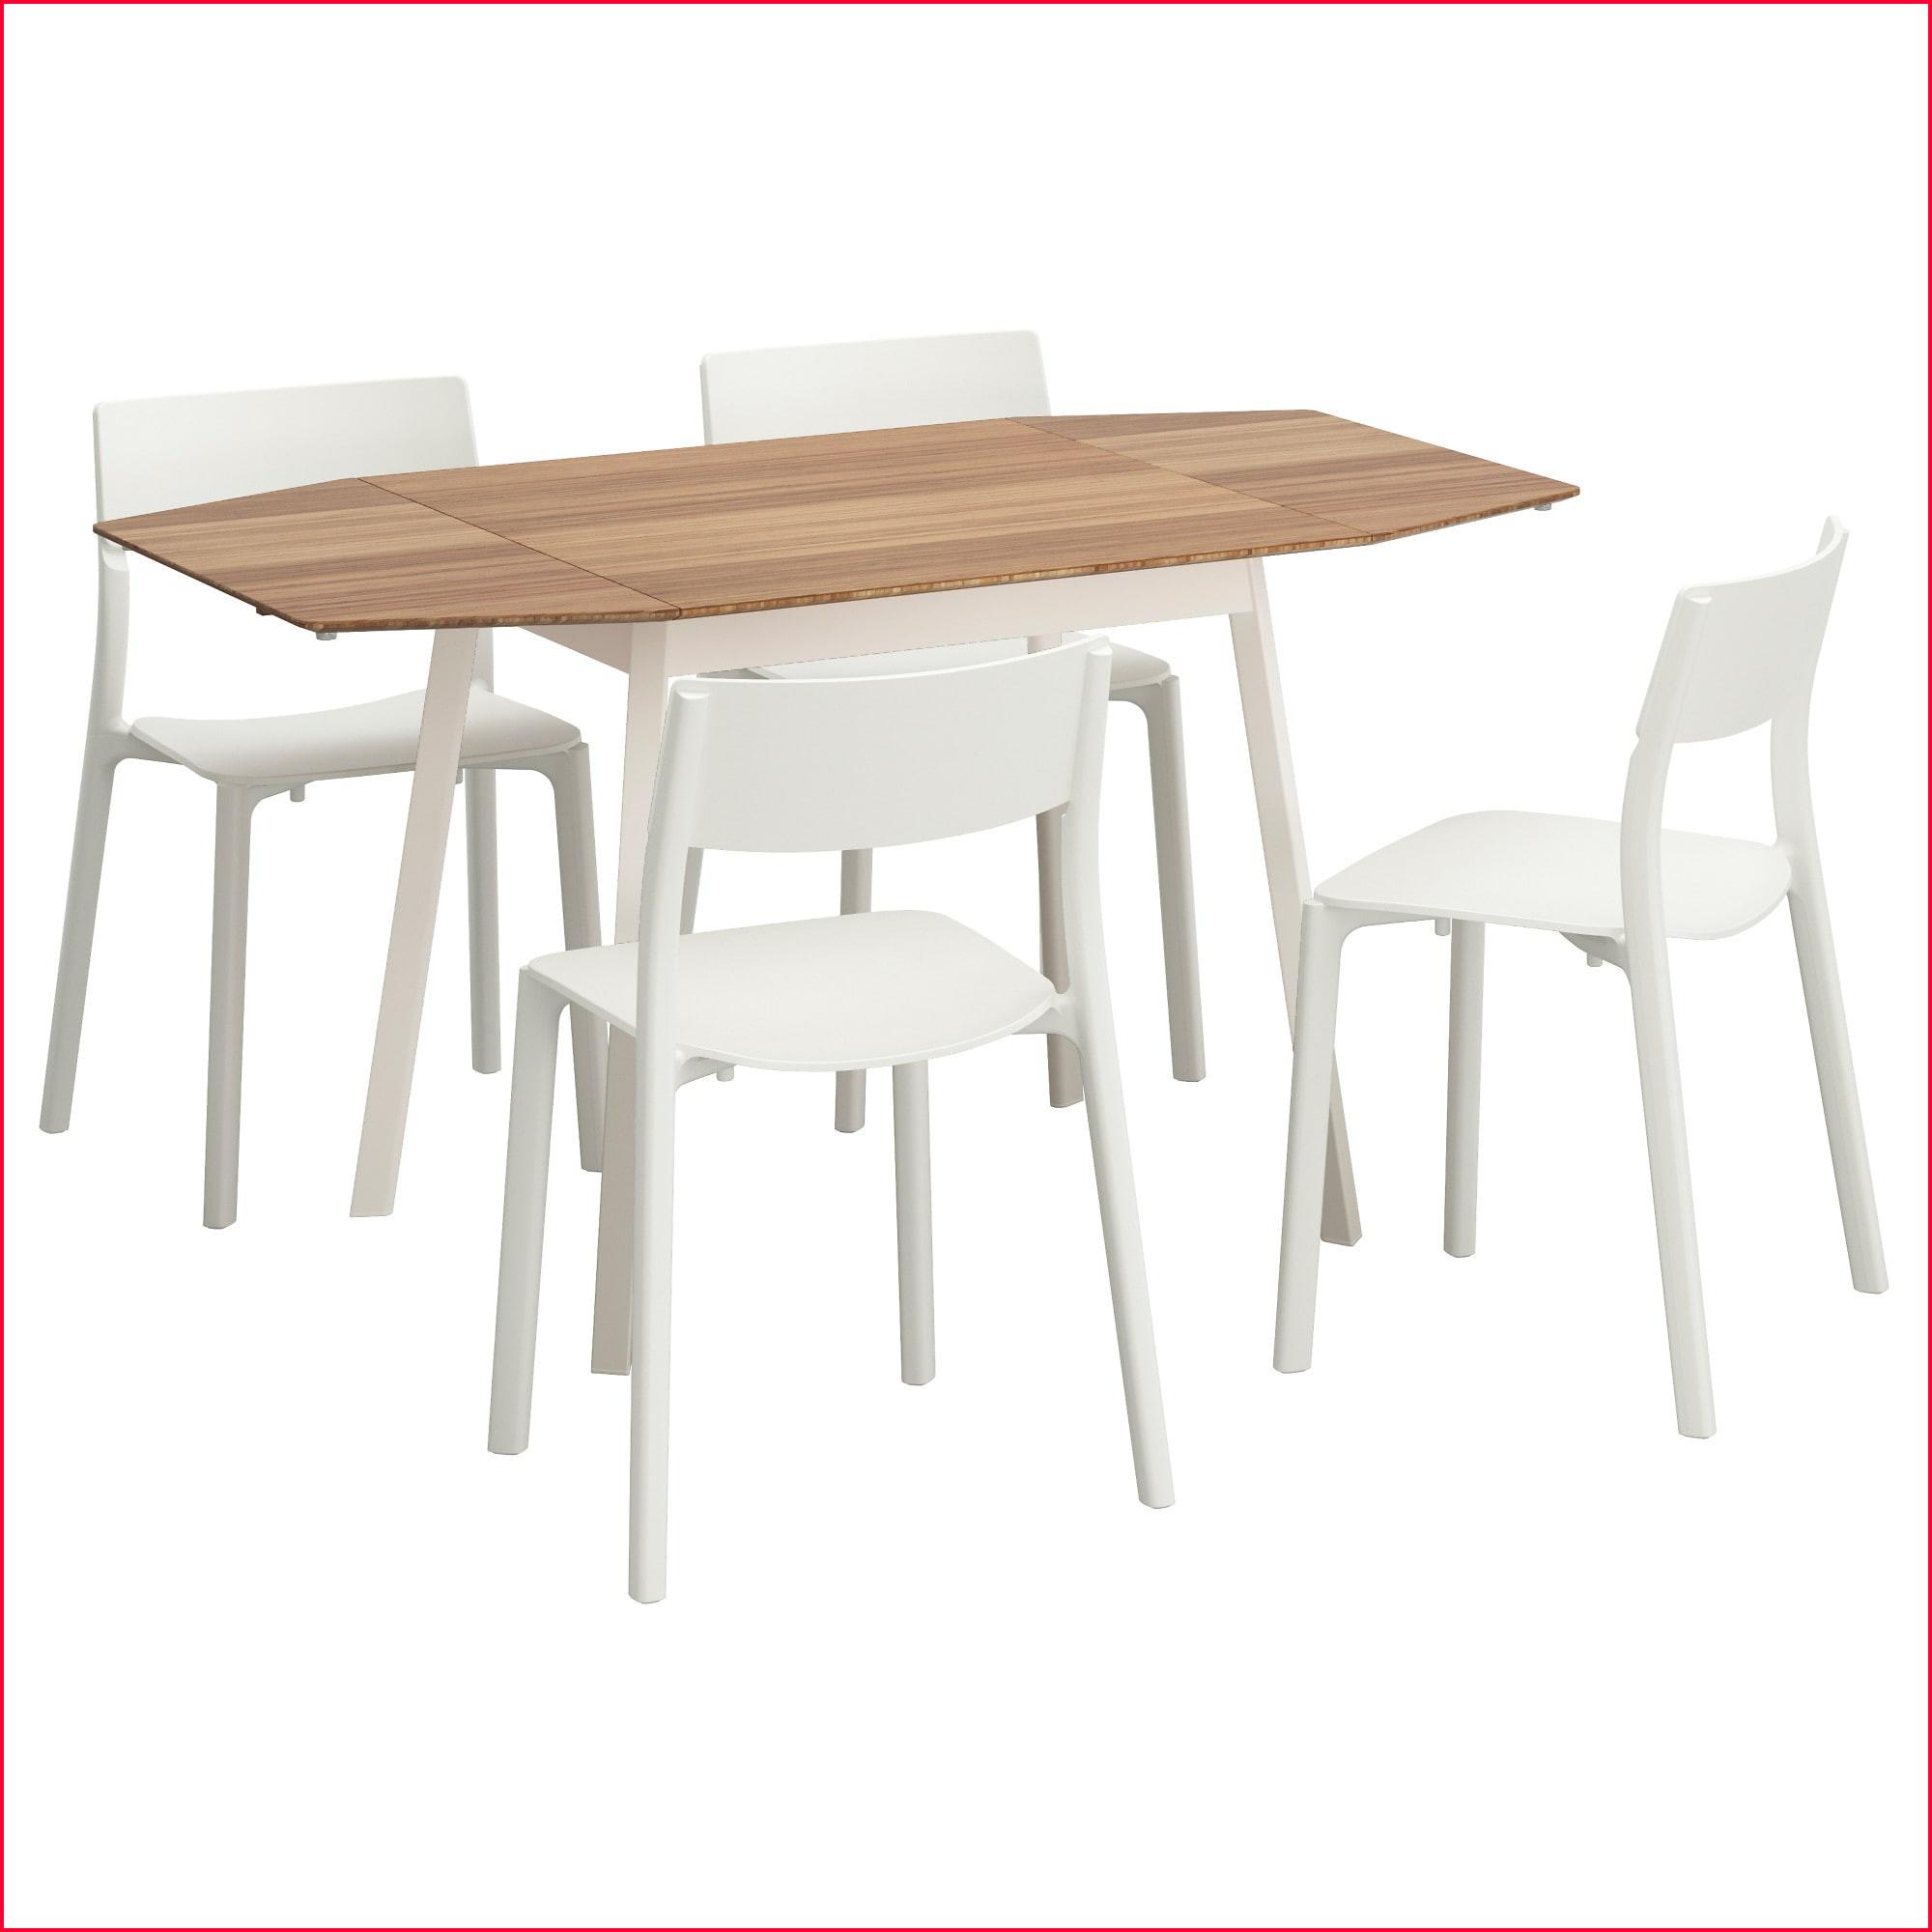 Ikea Sillas Niños Dwdk Mesas Y Sillas Ikea Janinge Ikea Ps 2012 Mesa Con 4 Sillas